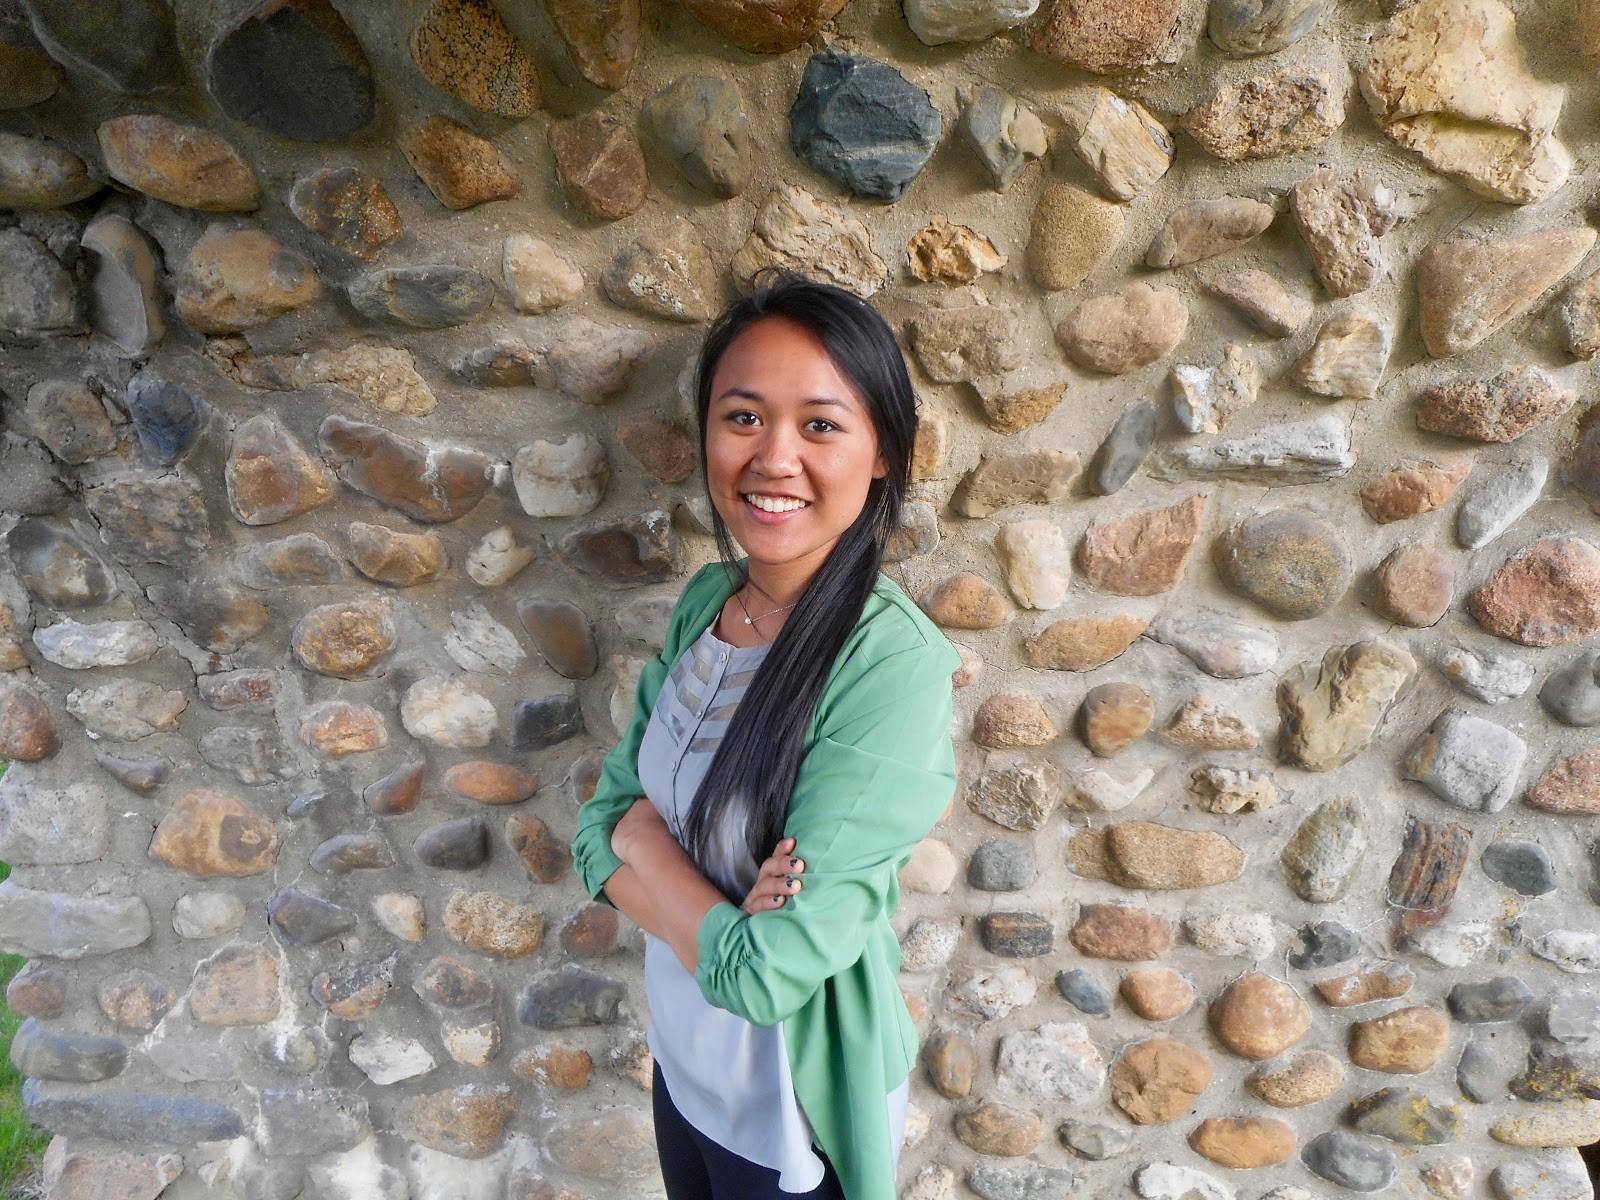 Mariel Padilla